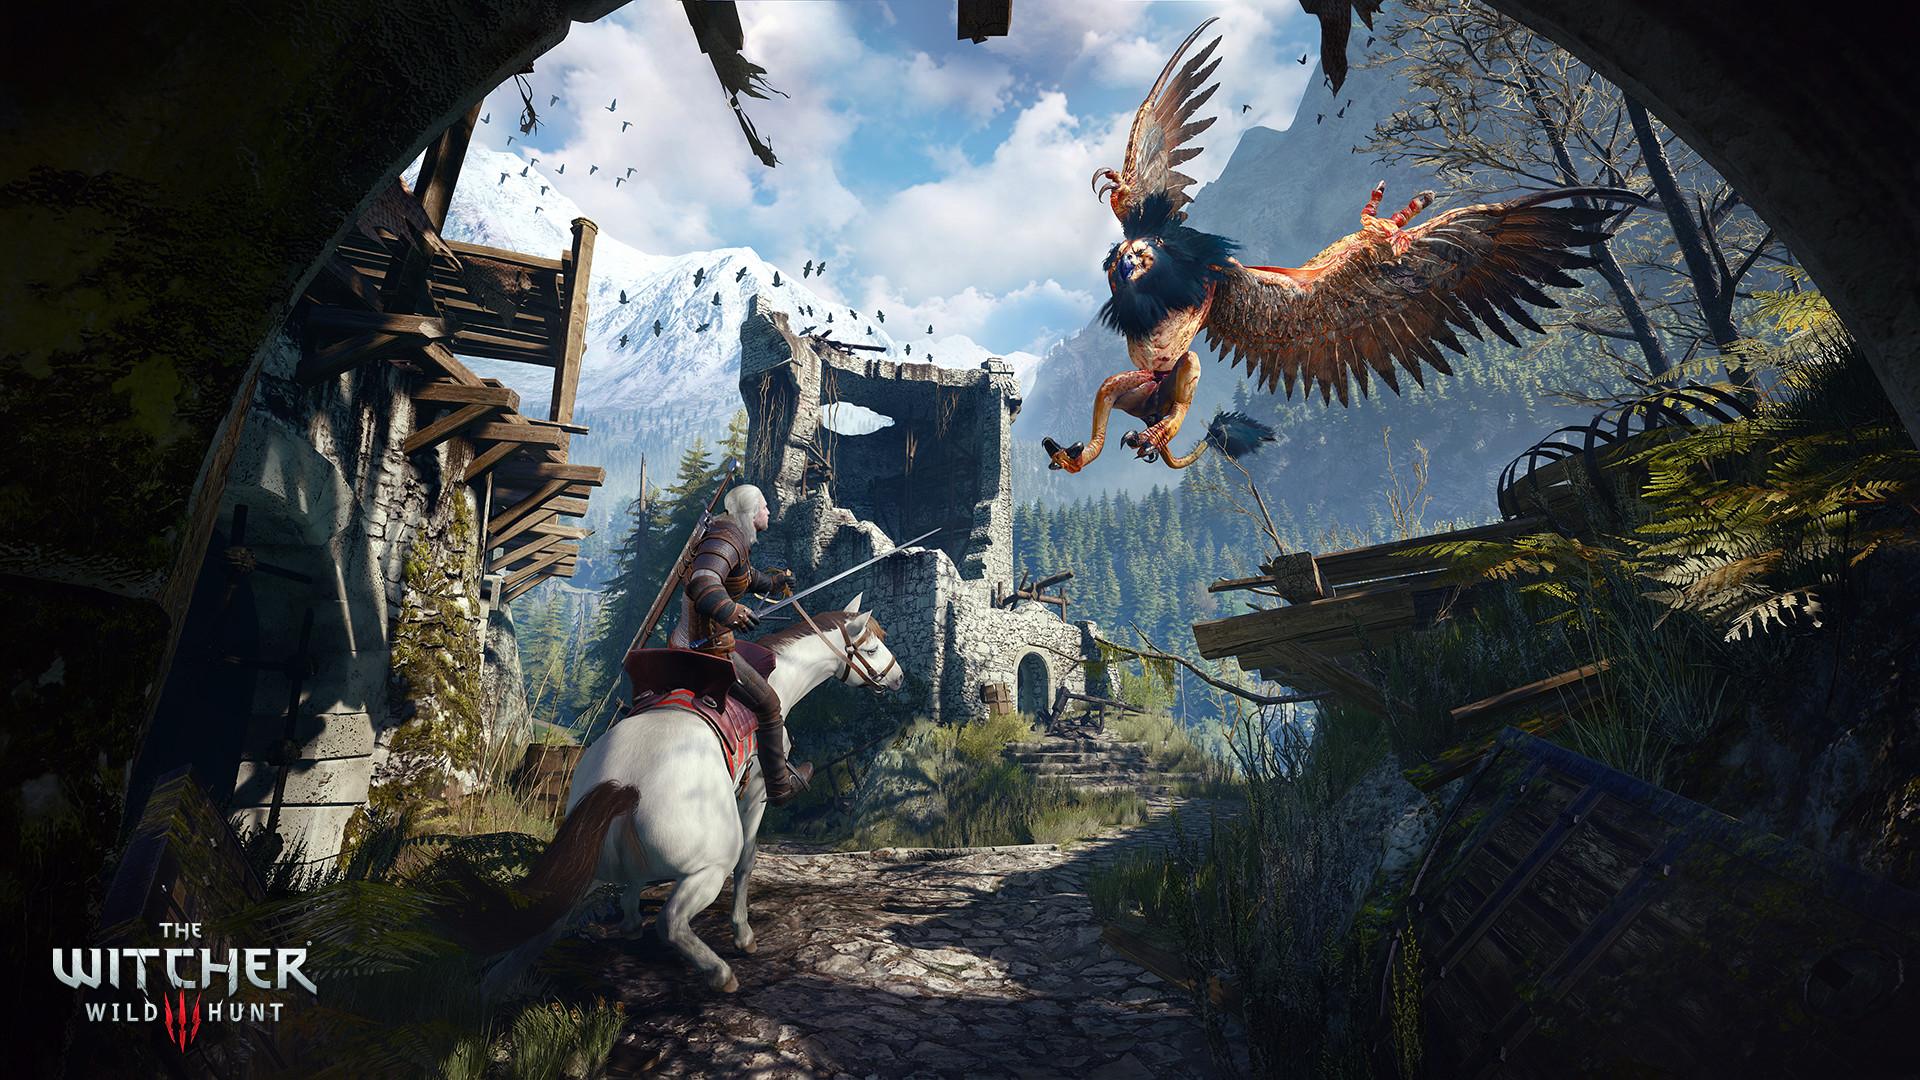 Steam夏促史低价游戏推荐汇总 《只狼》降至134元